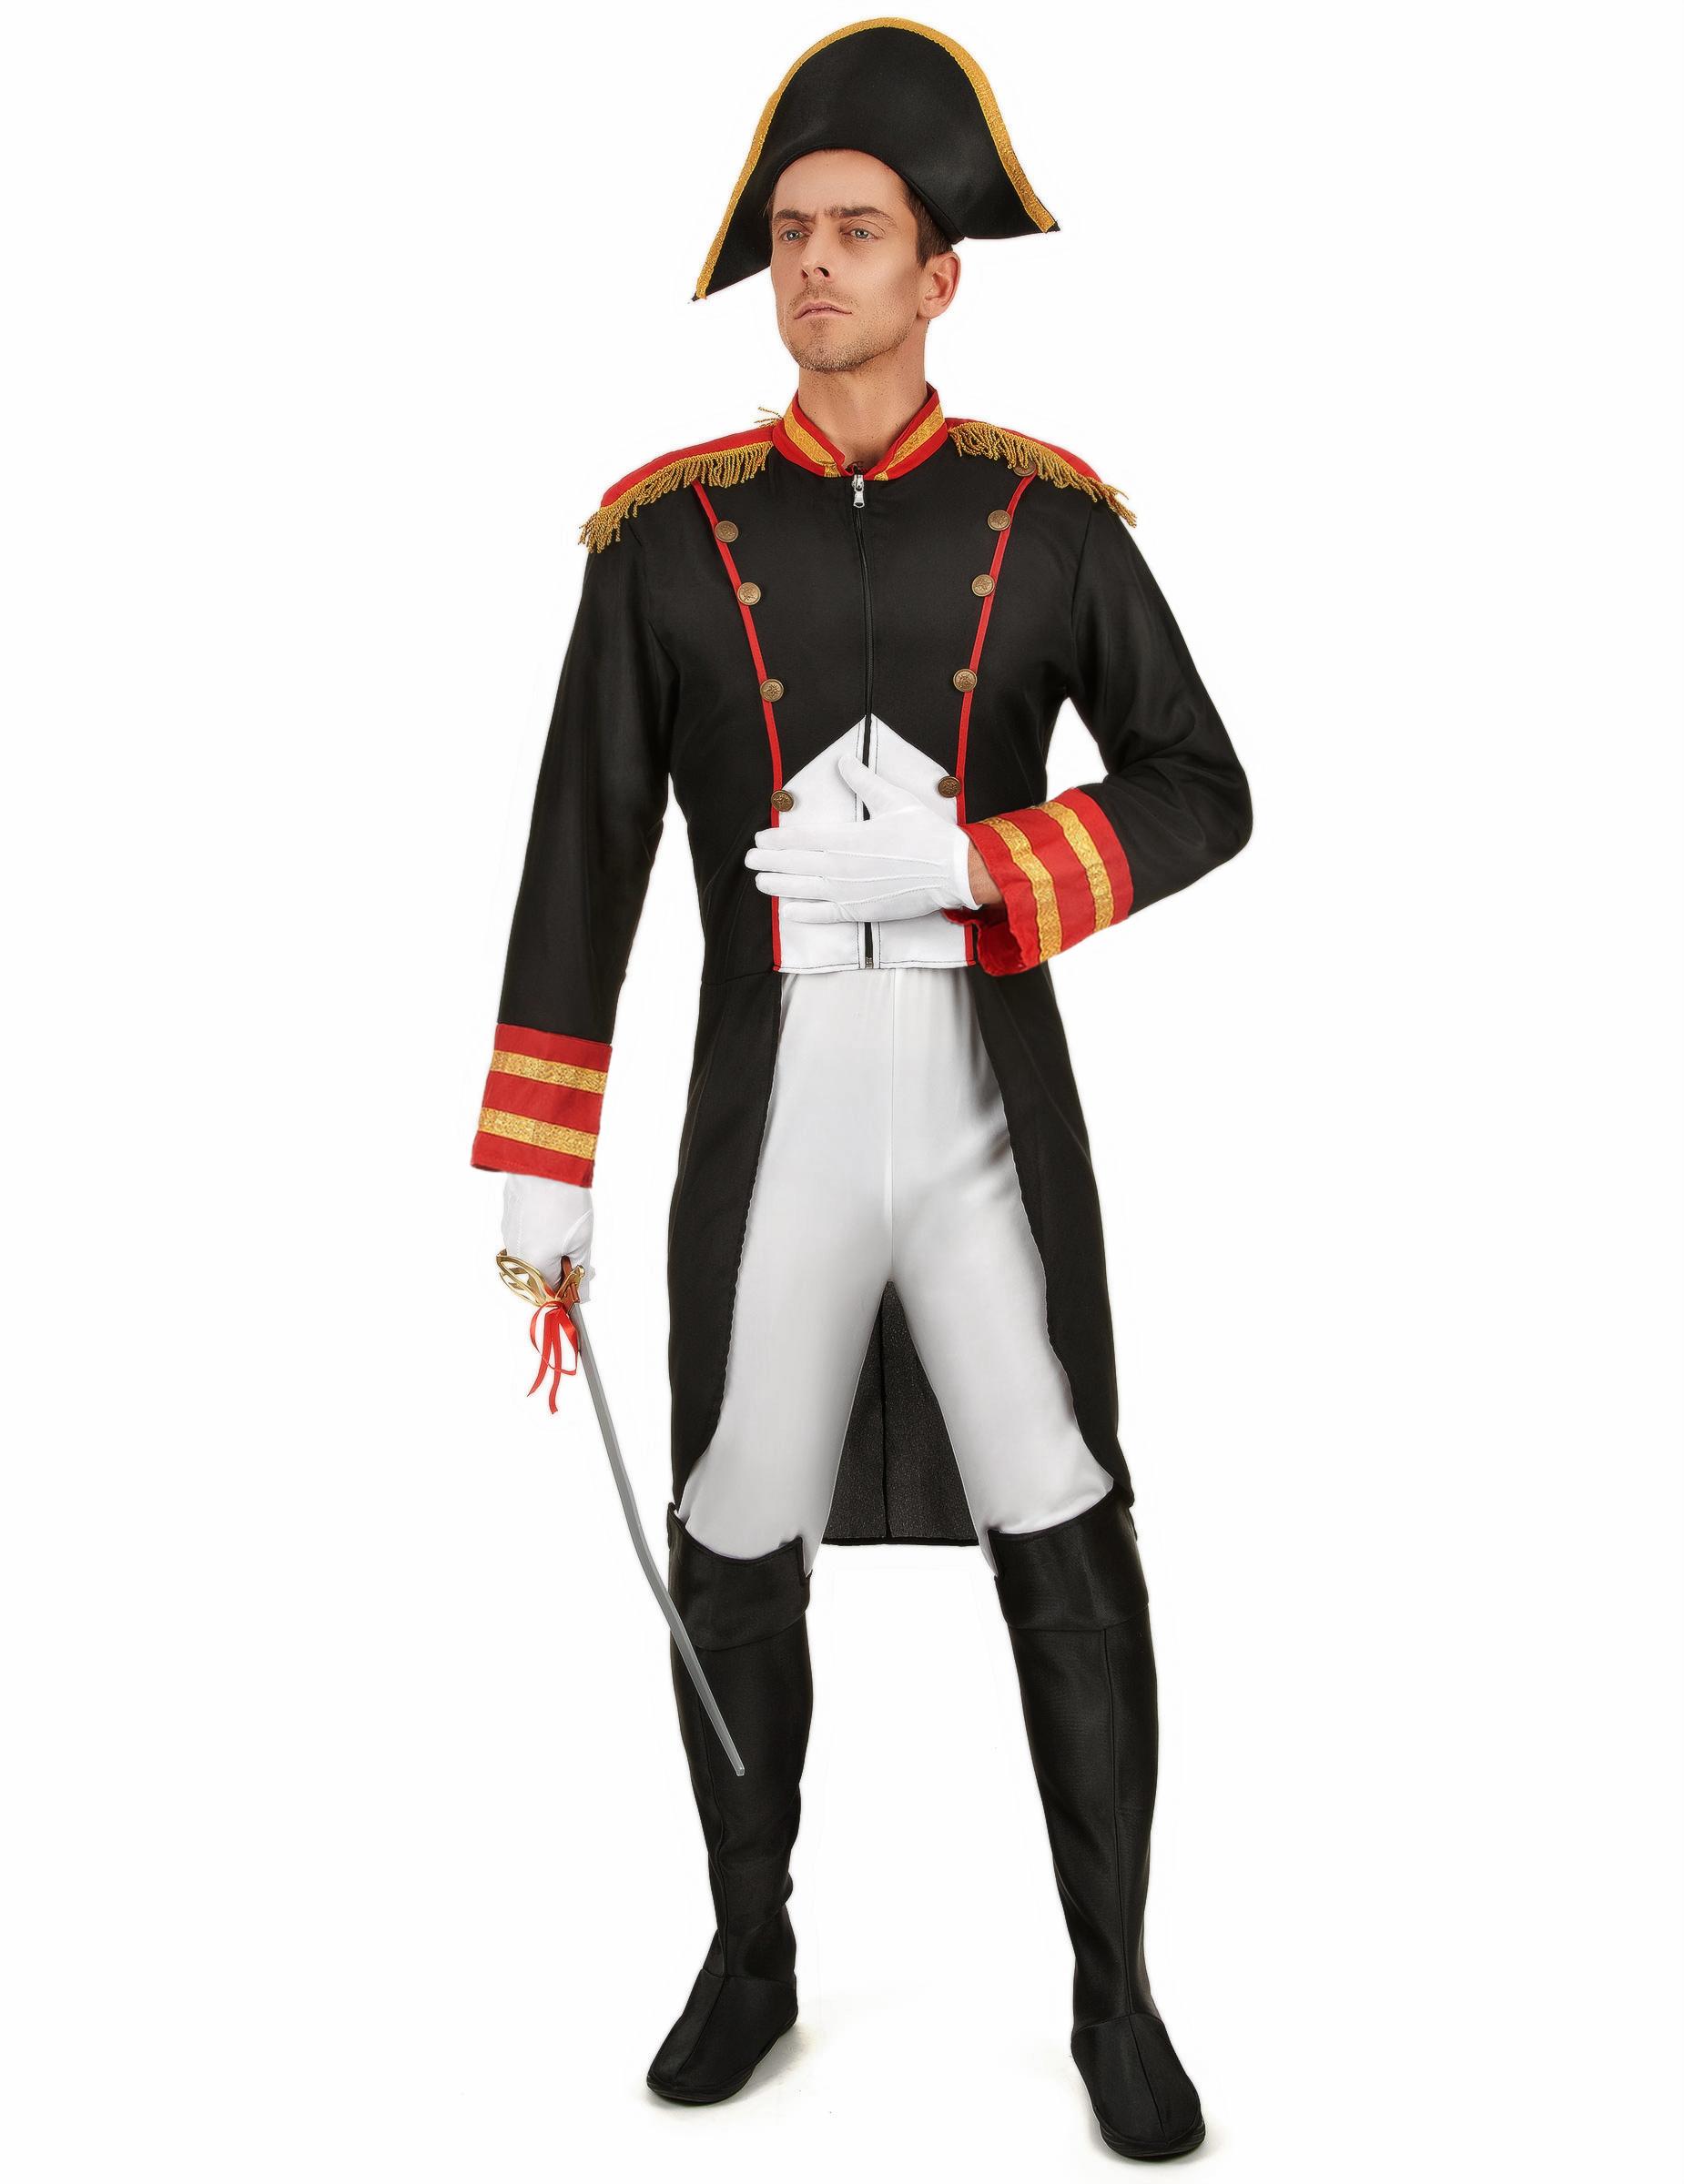 Connu Déguisement Napoléon homme : Deguise-toi, achat de Déguisements  SL91